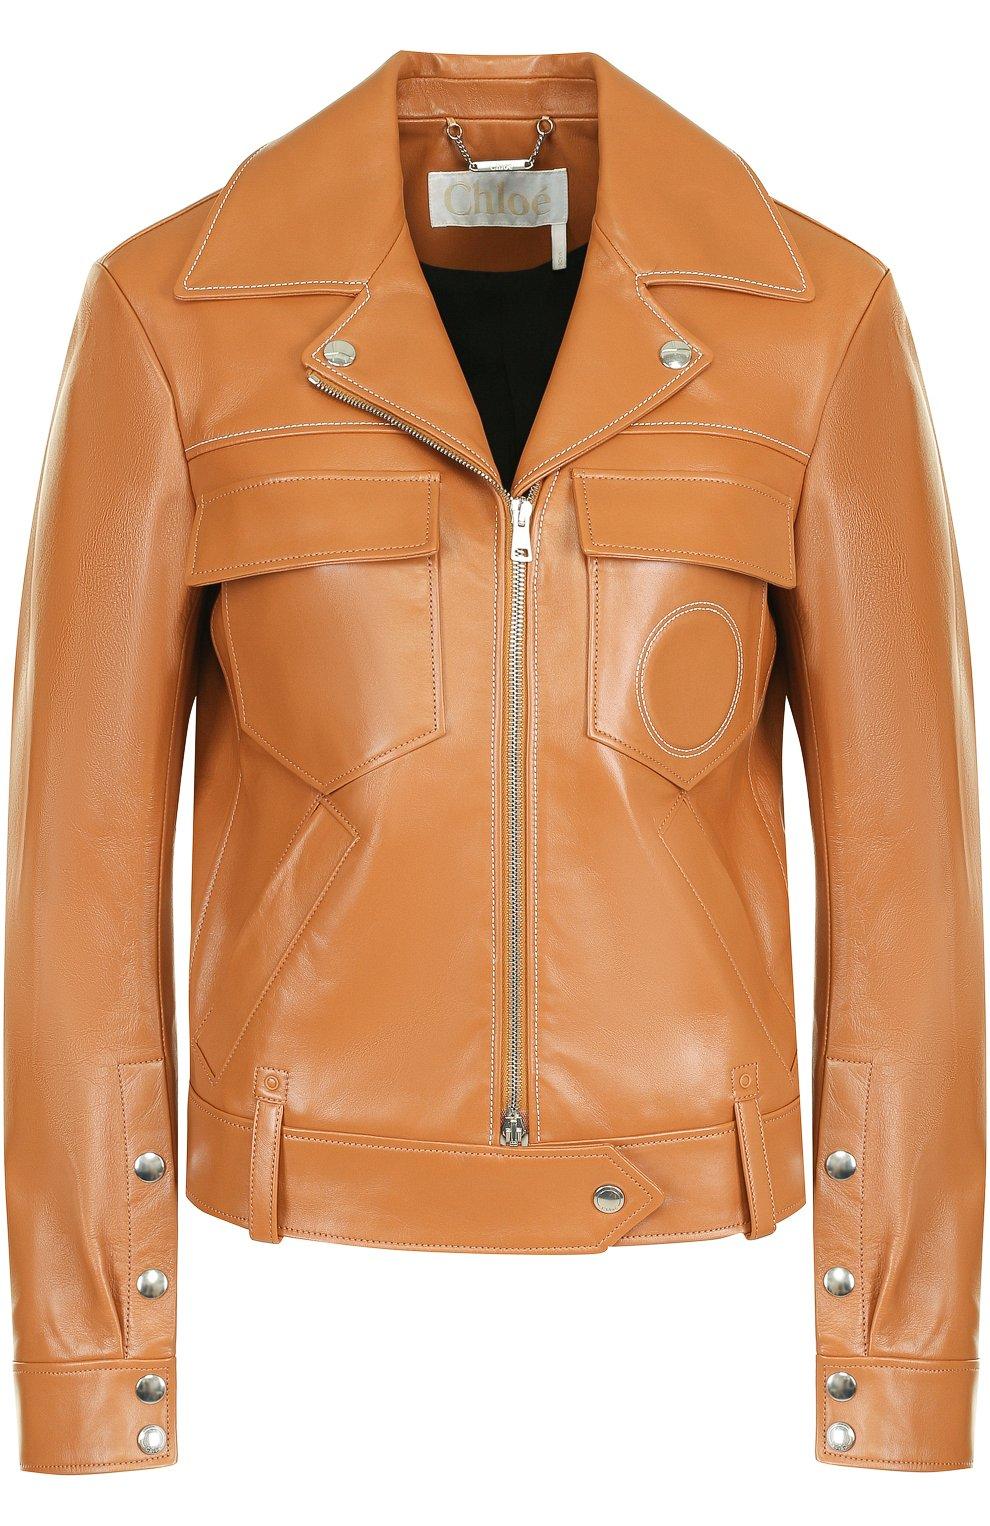 6904d4cd106 Кожаная куртка с поясом и накладными карманами Chloé светло-коричневая